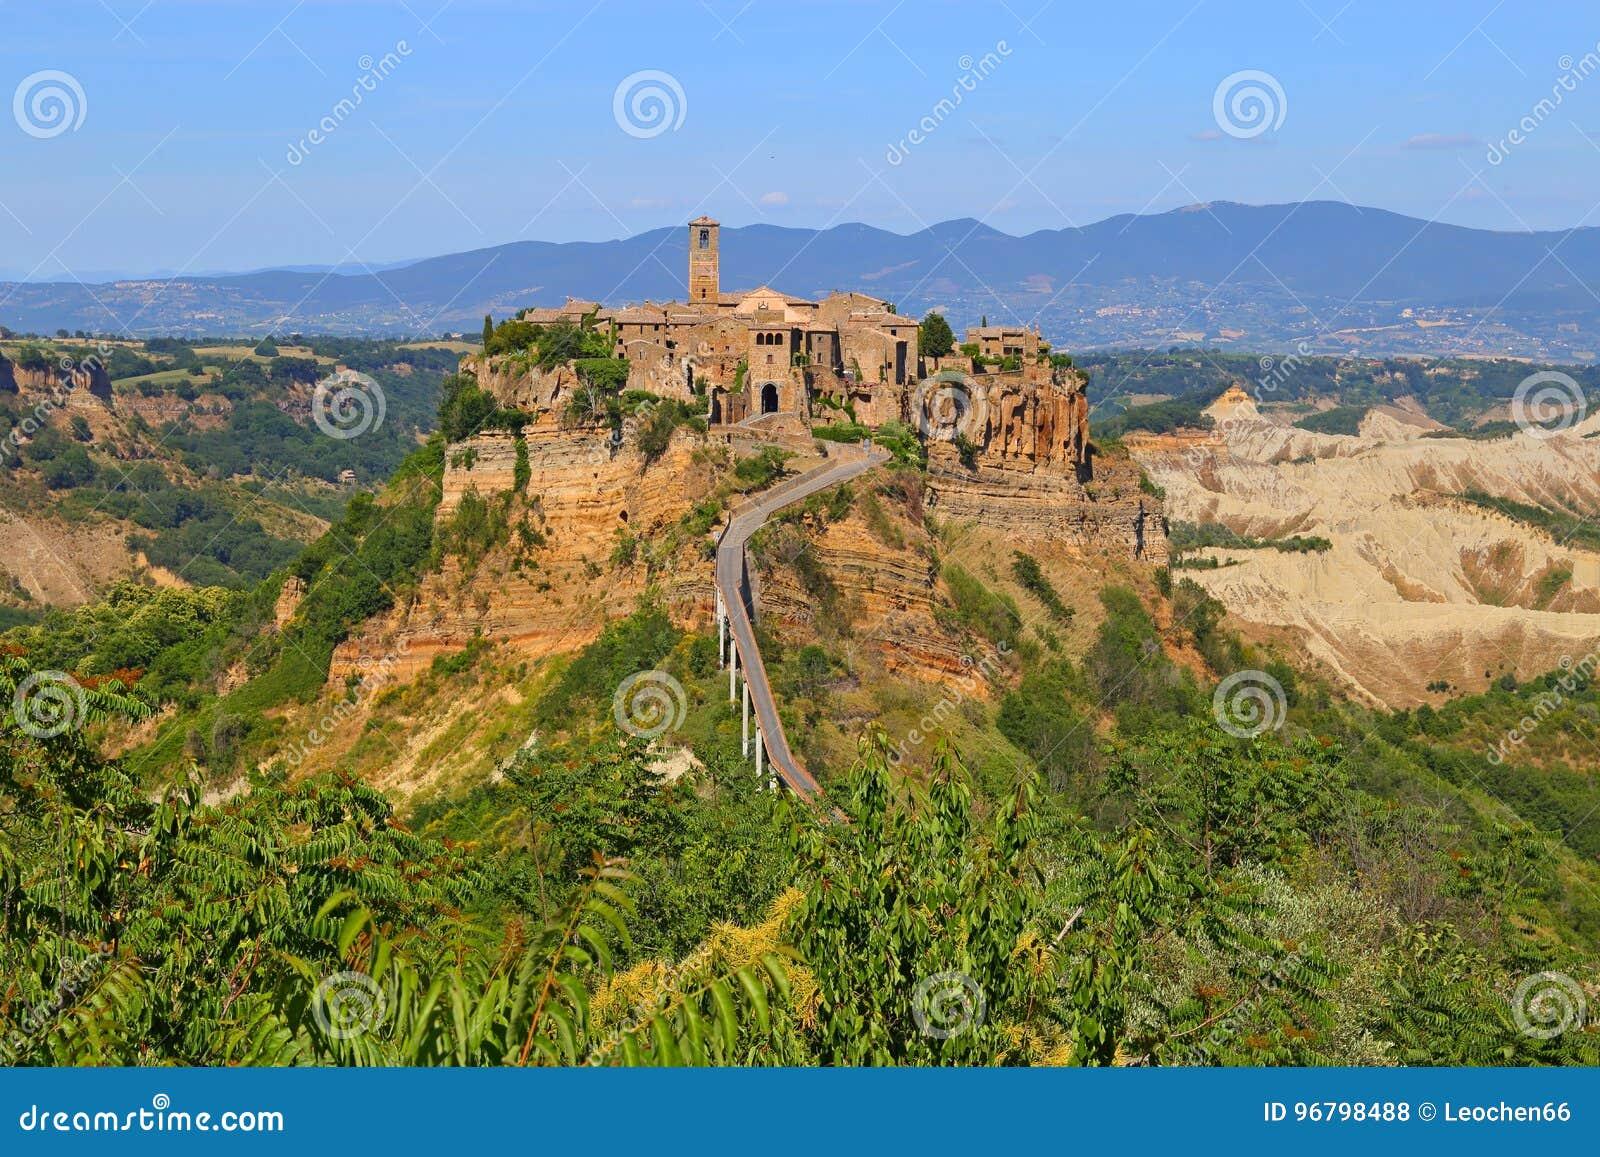 Civita Di Bagnoregio Town In The Province Of Viterbo Stock Photo